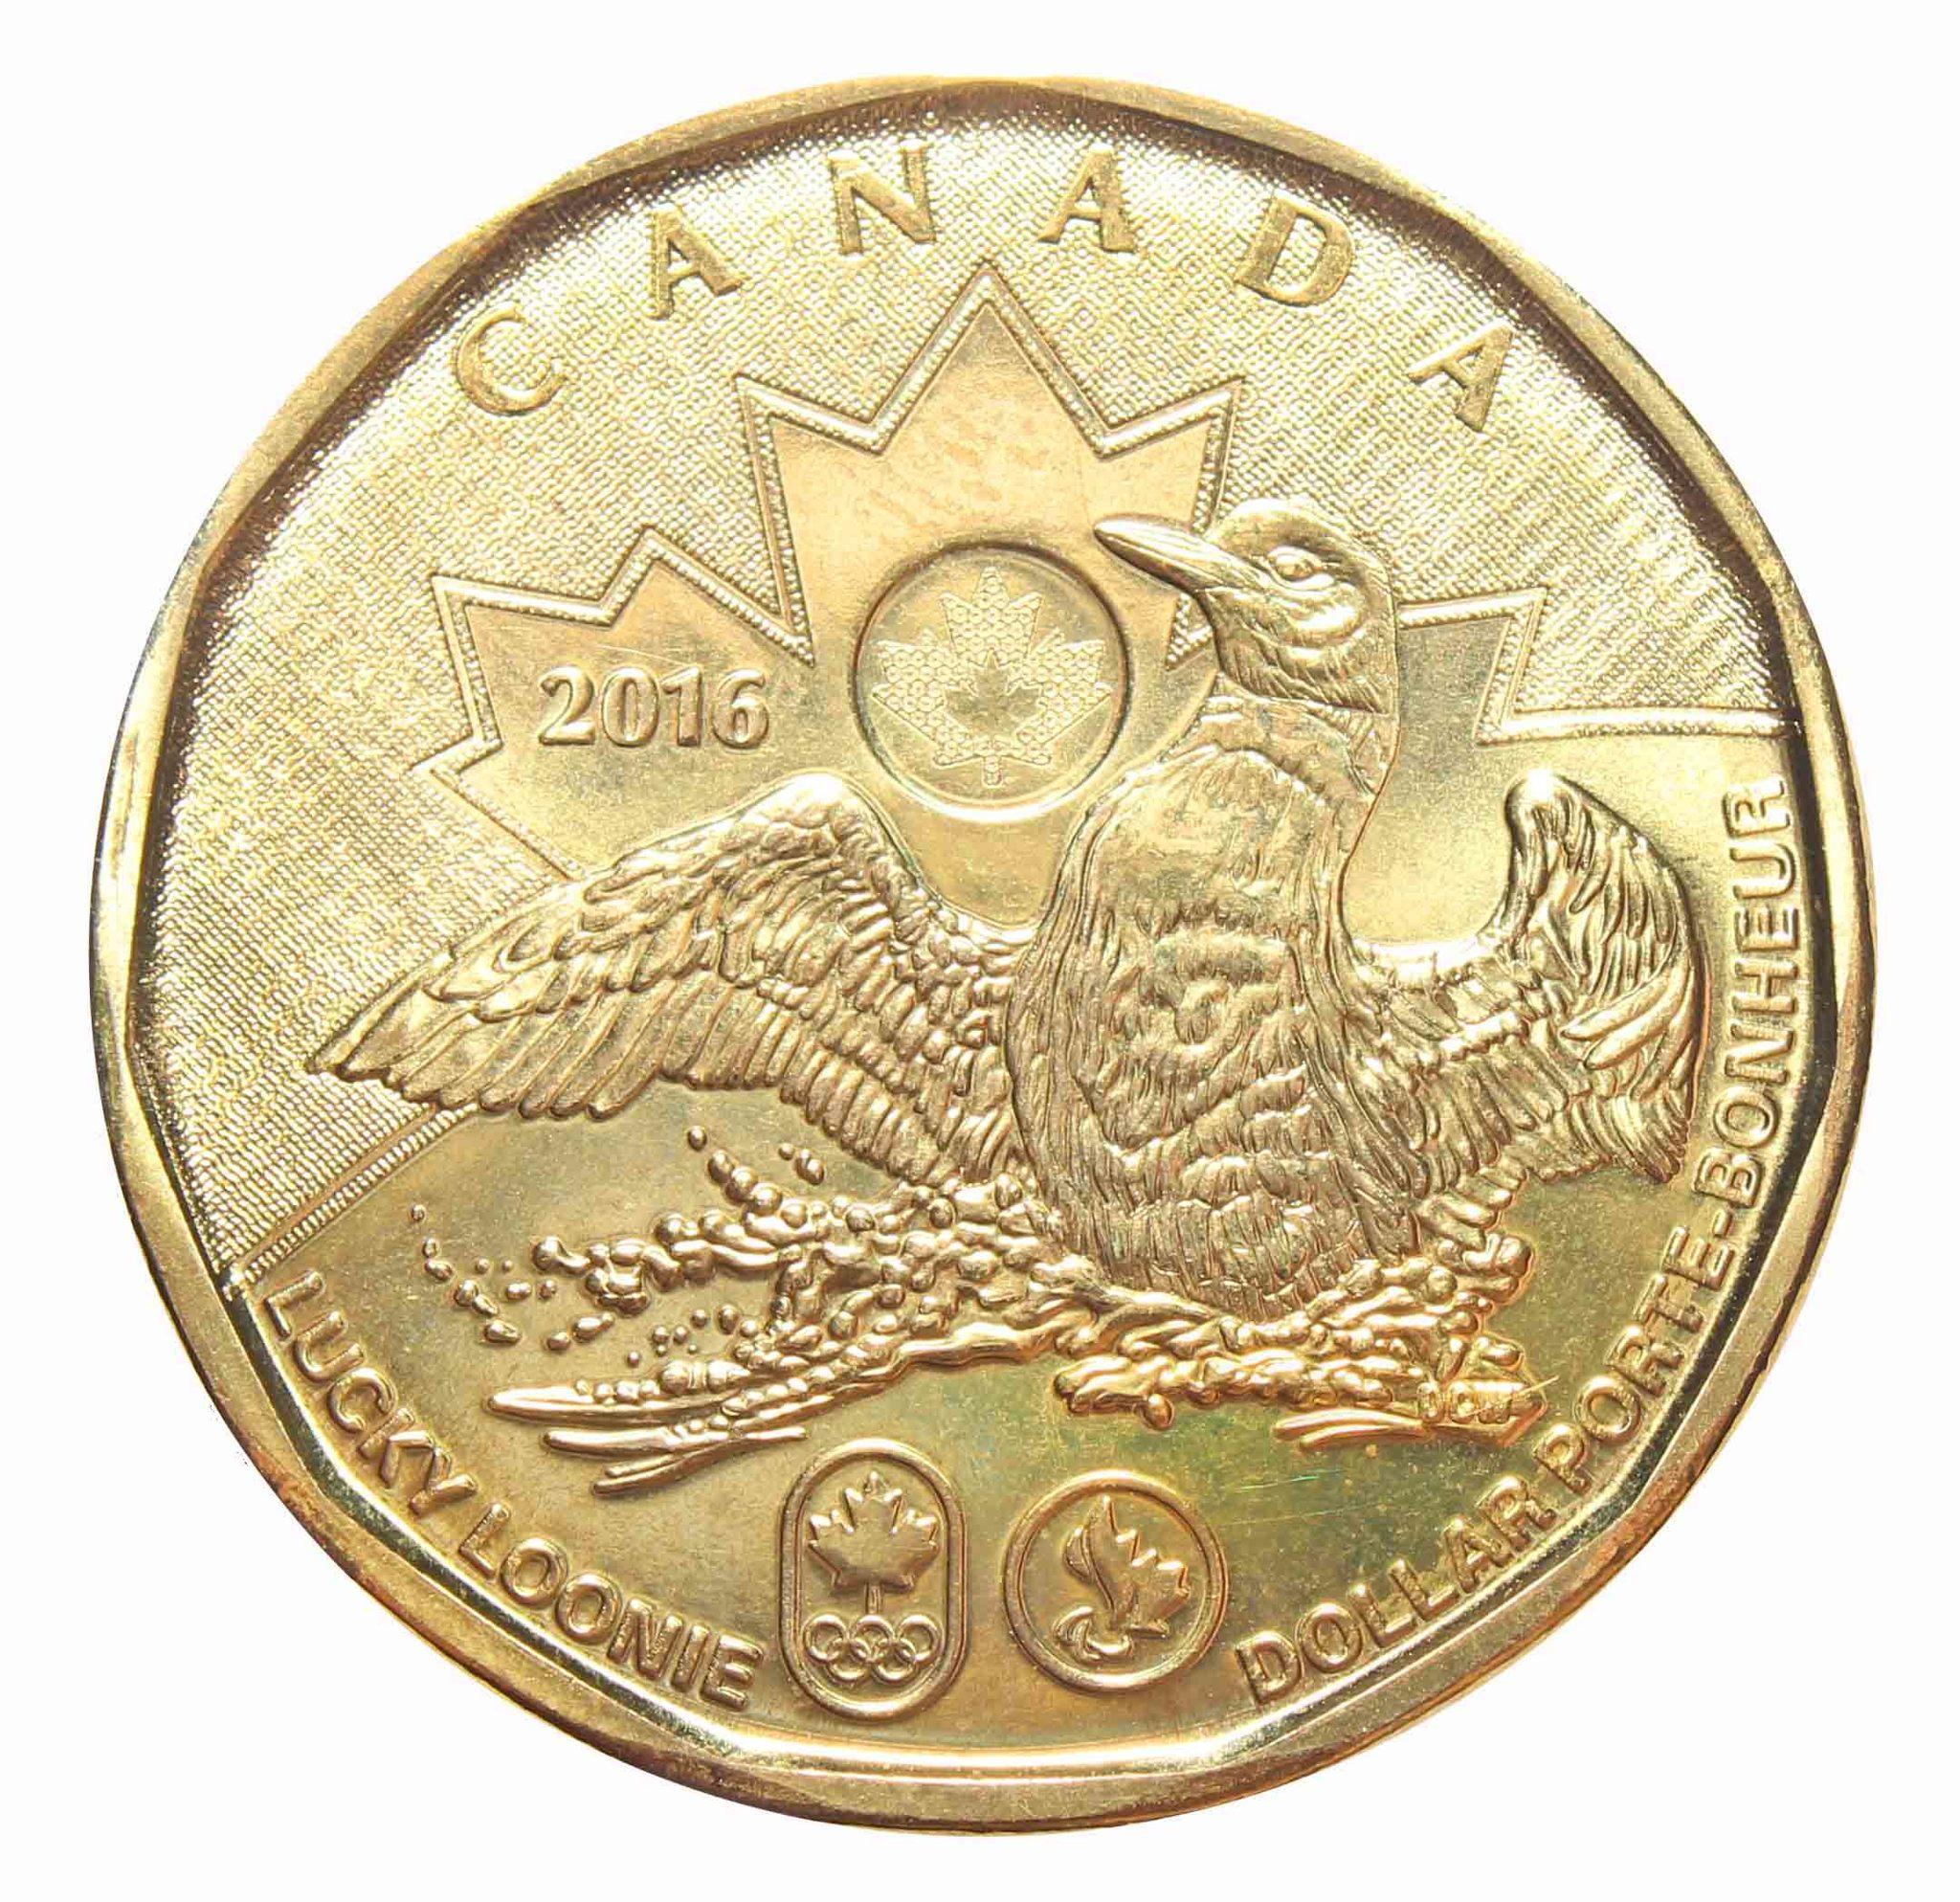 1 доллар Утка, Олимпиада в РИО 2016 год, Канада. UNC